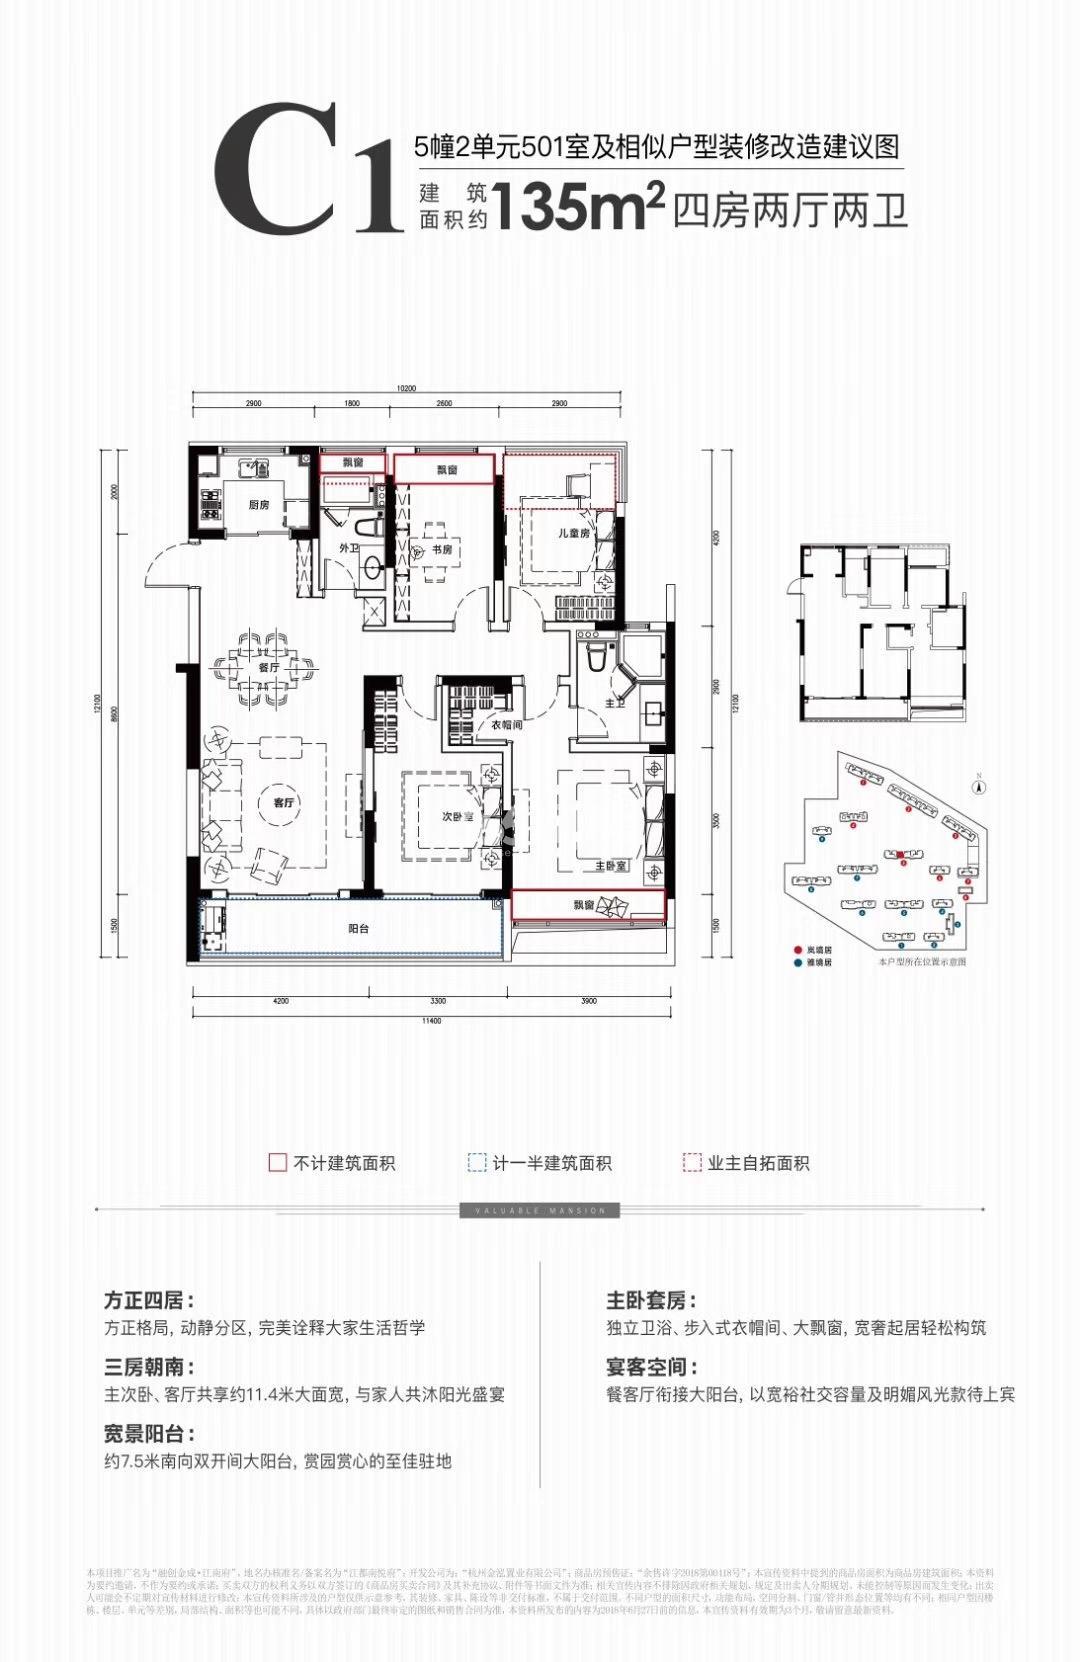 融创金成江南府5号楼C1户型135方户型图